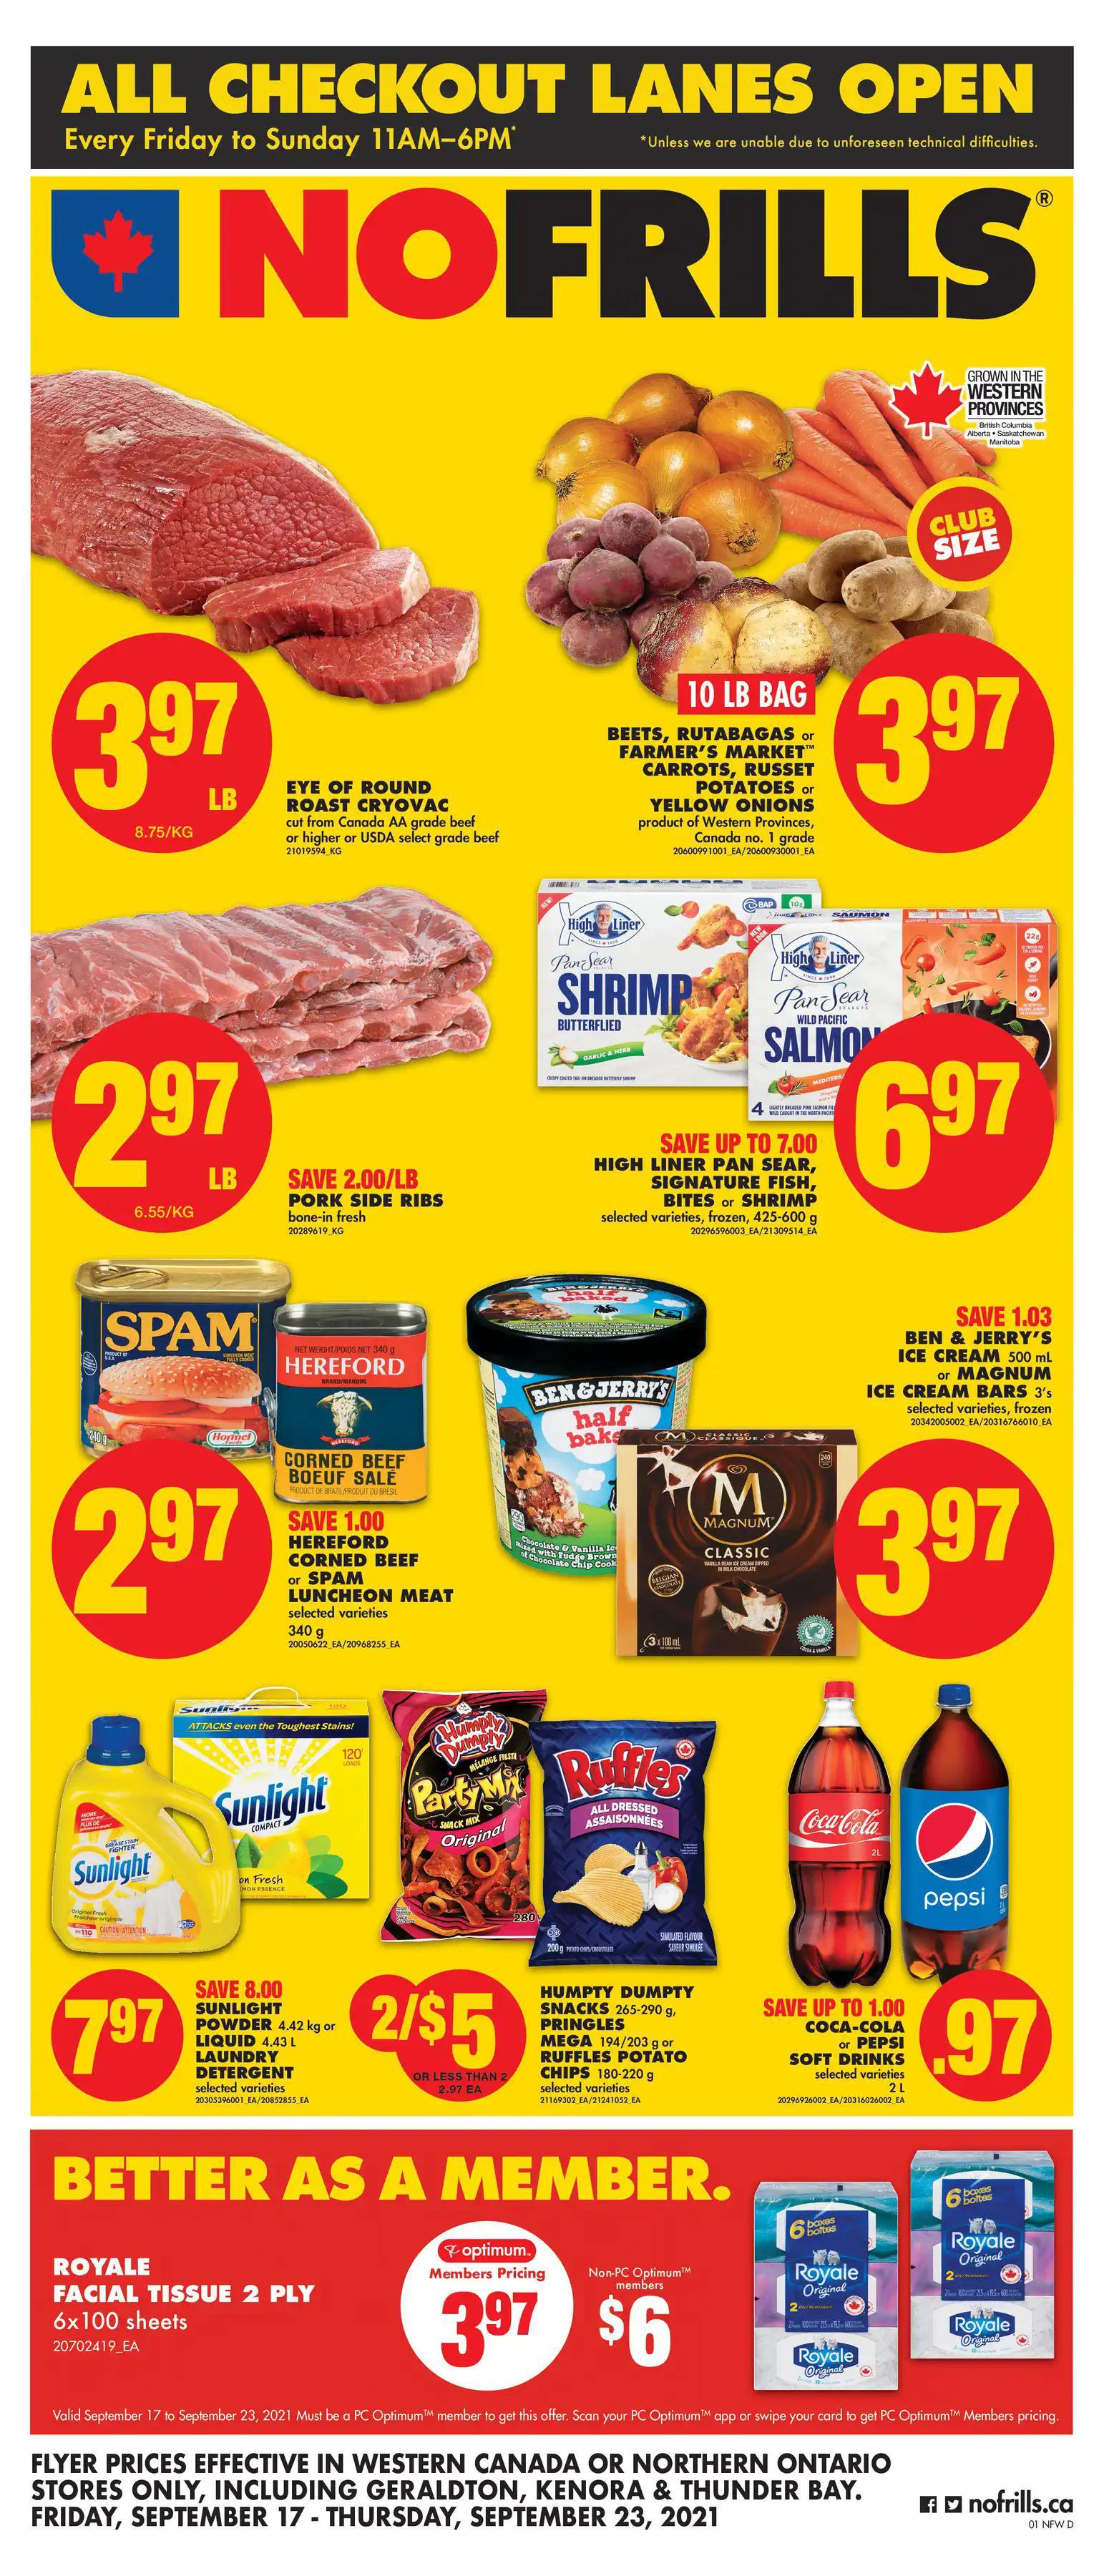 No Frills (Western Canada, Northern Ontario) - Weekly Flyer Specials